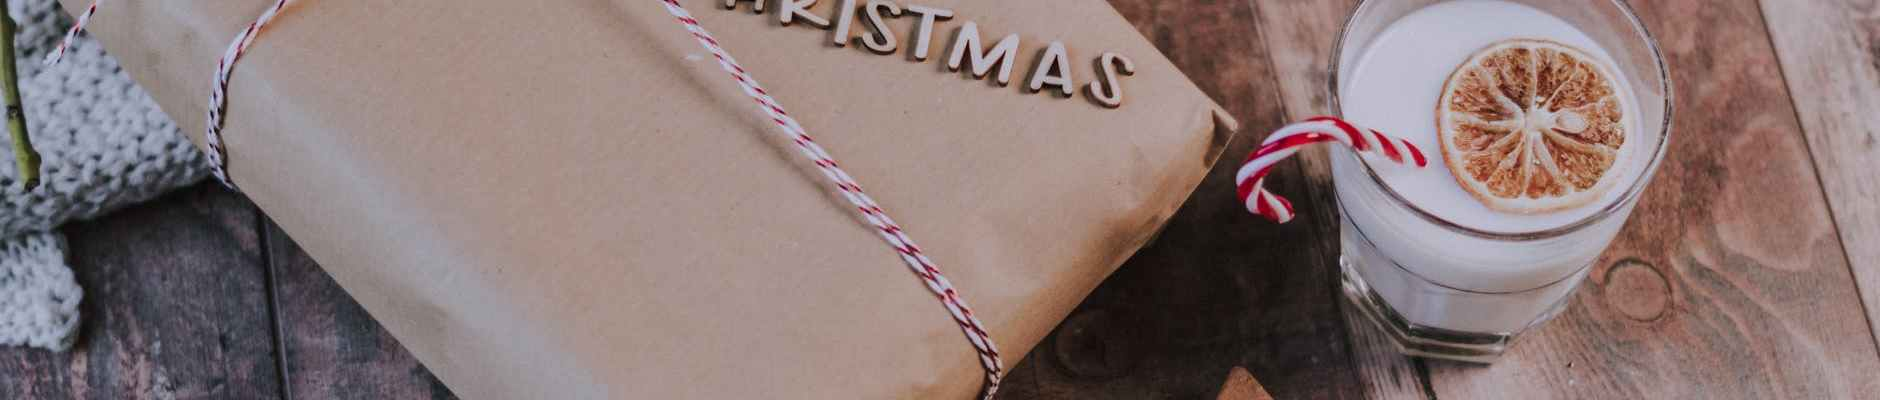 Ne brinite se oko odabira poklona ove godine!, glass of milk near christmas present